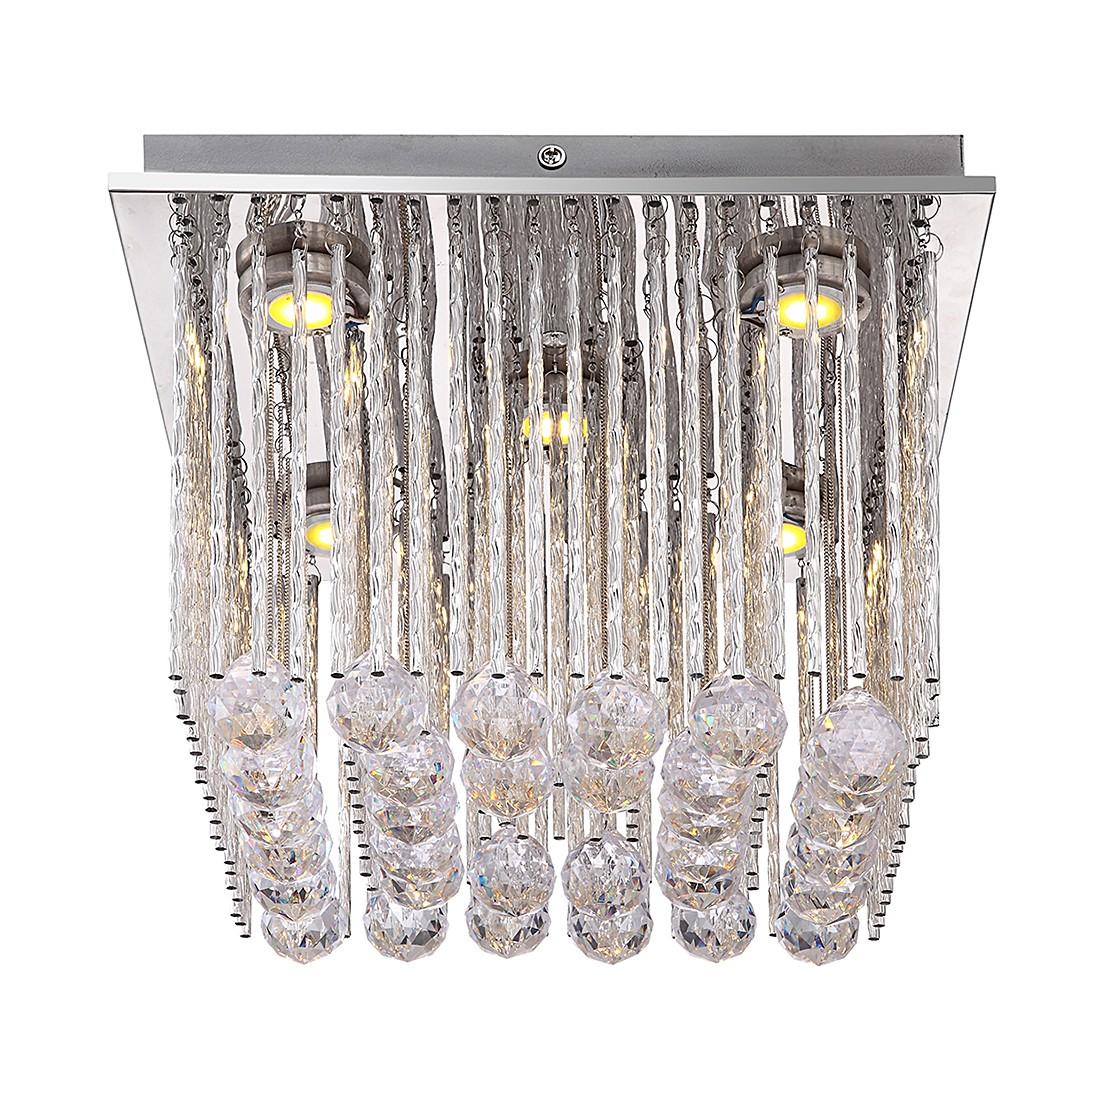 Deckenleuchte MILADY – Metall – Silber – 5-flammig, Globo Lighting online kaufen